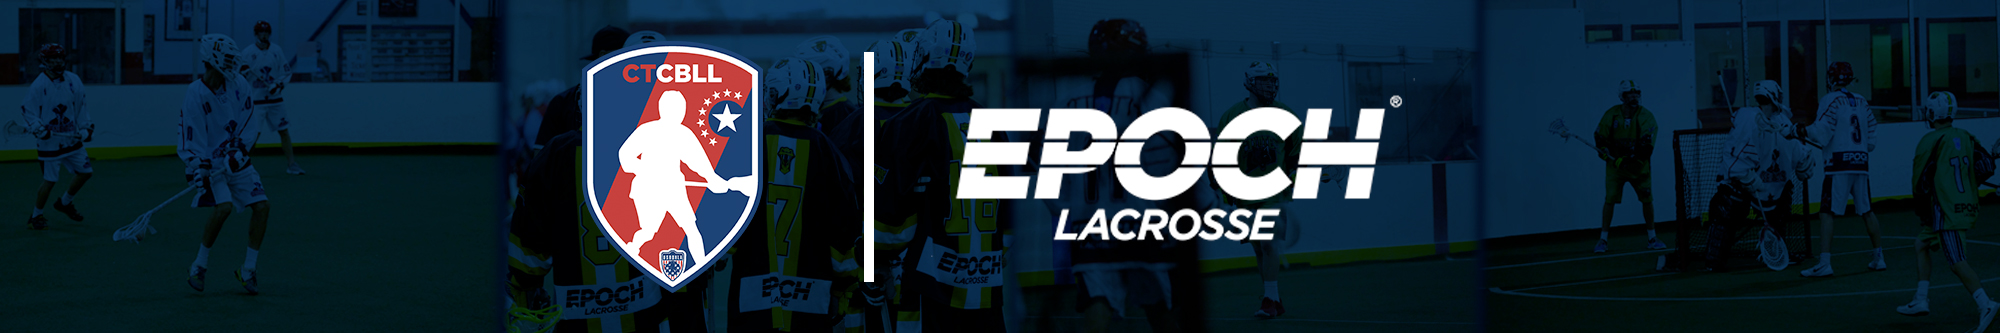 ct-cox-lacrosse-league-epoch-lacrosse